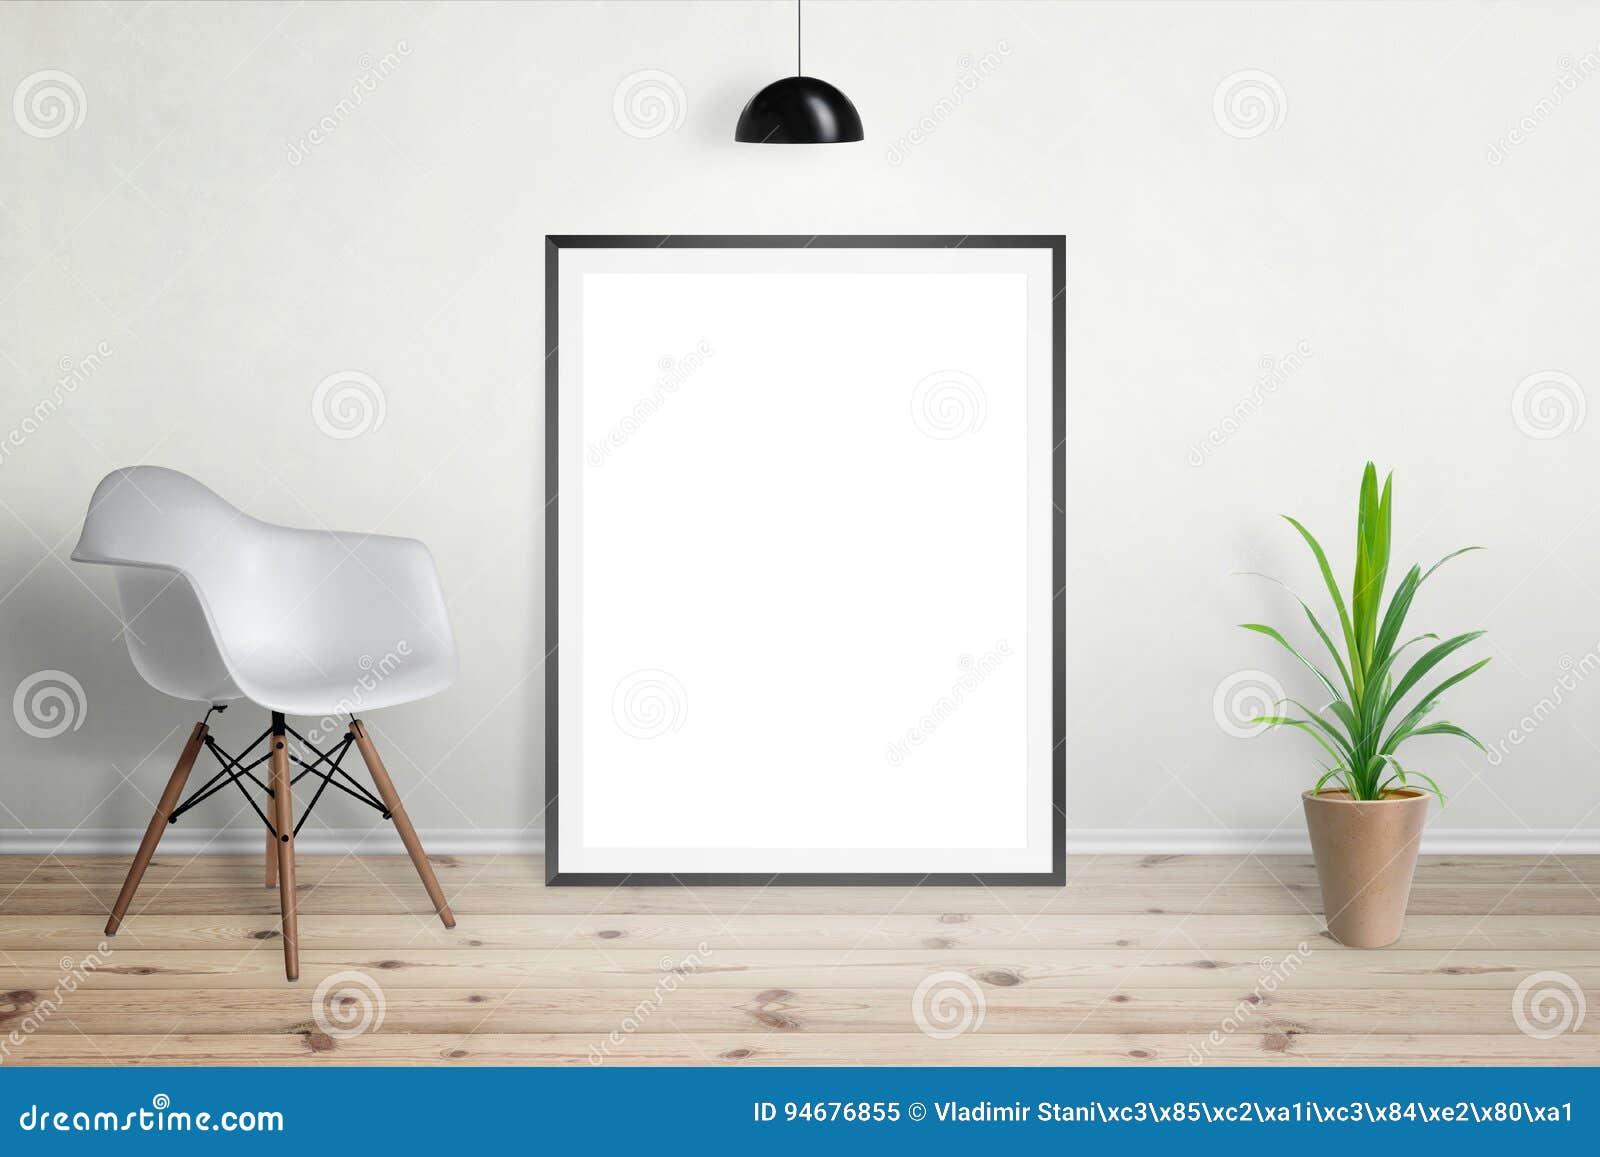 Tolle Bilderrahmen Stuhl Zeitgenössisch - Benutzerdefinierte ...